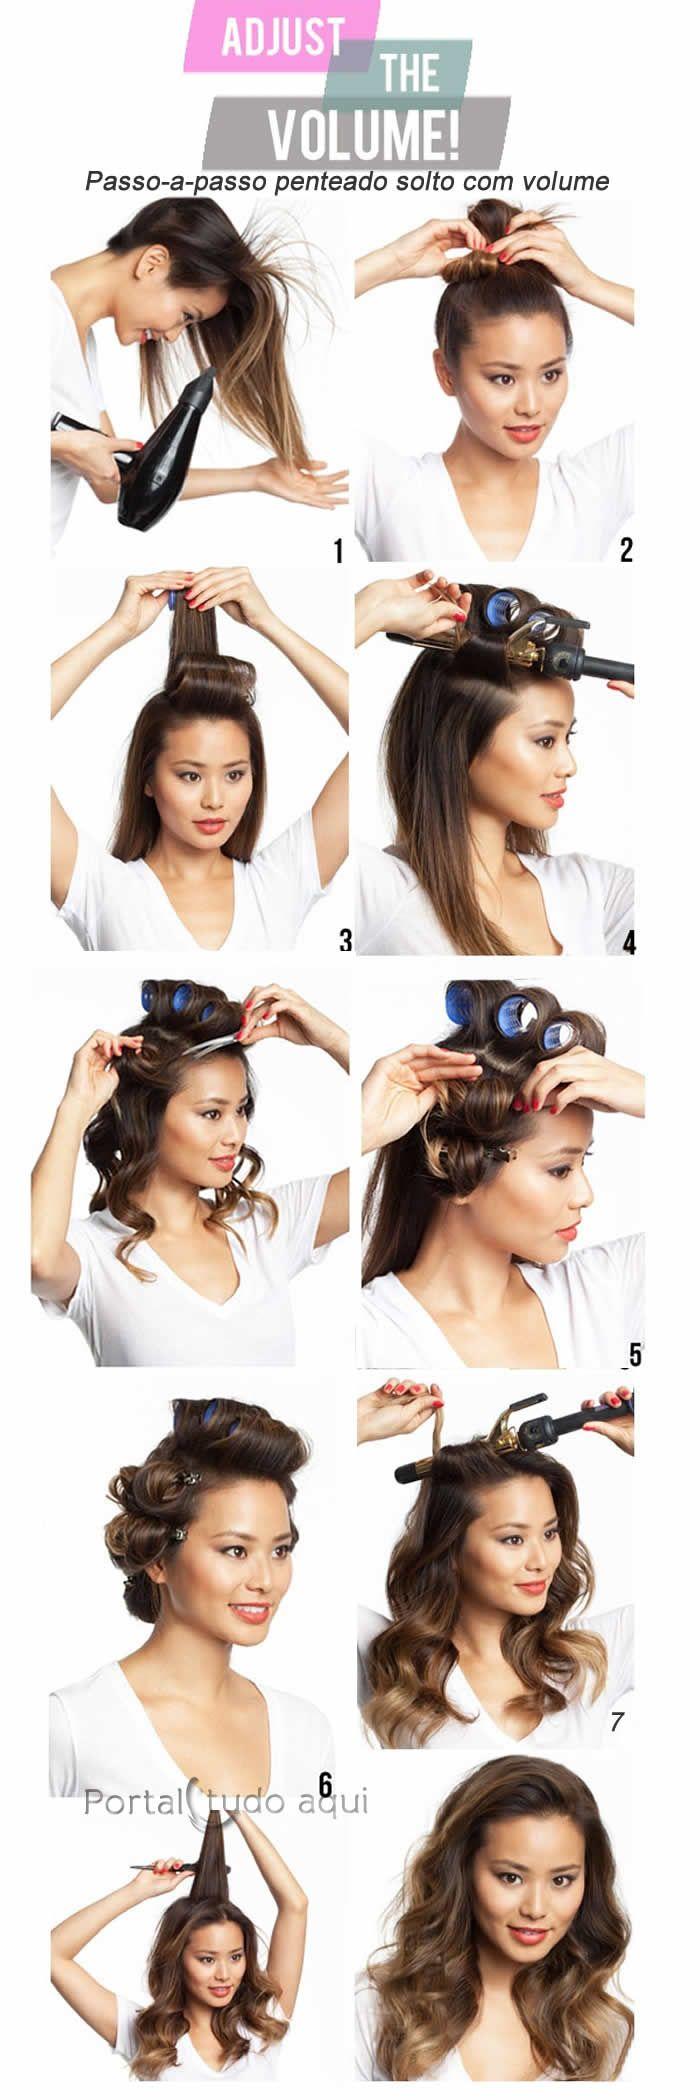 Aprenda a fazer um cabelo solto com ondas que dão volume aos cabelos finos seguindo o passo-a-passo.